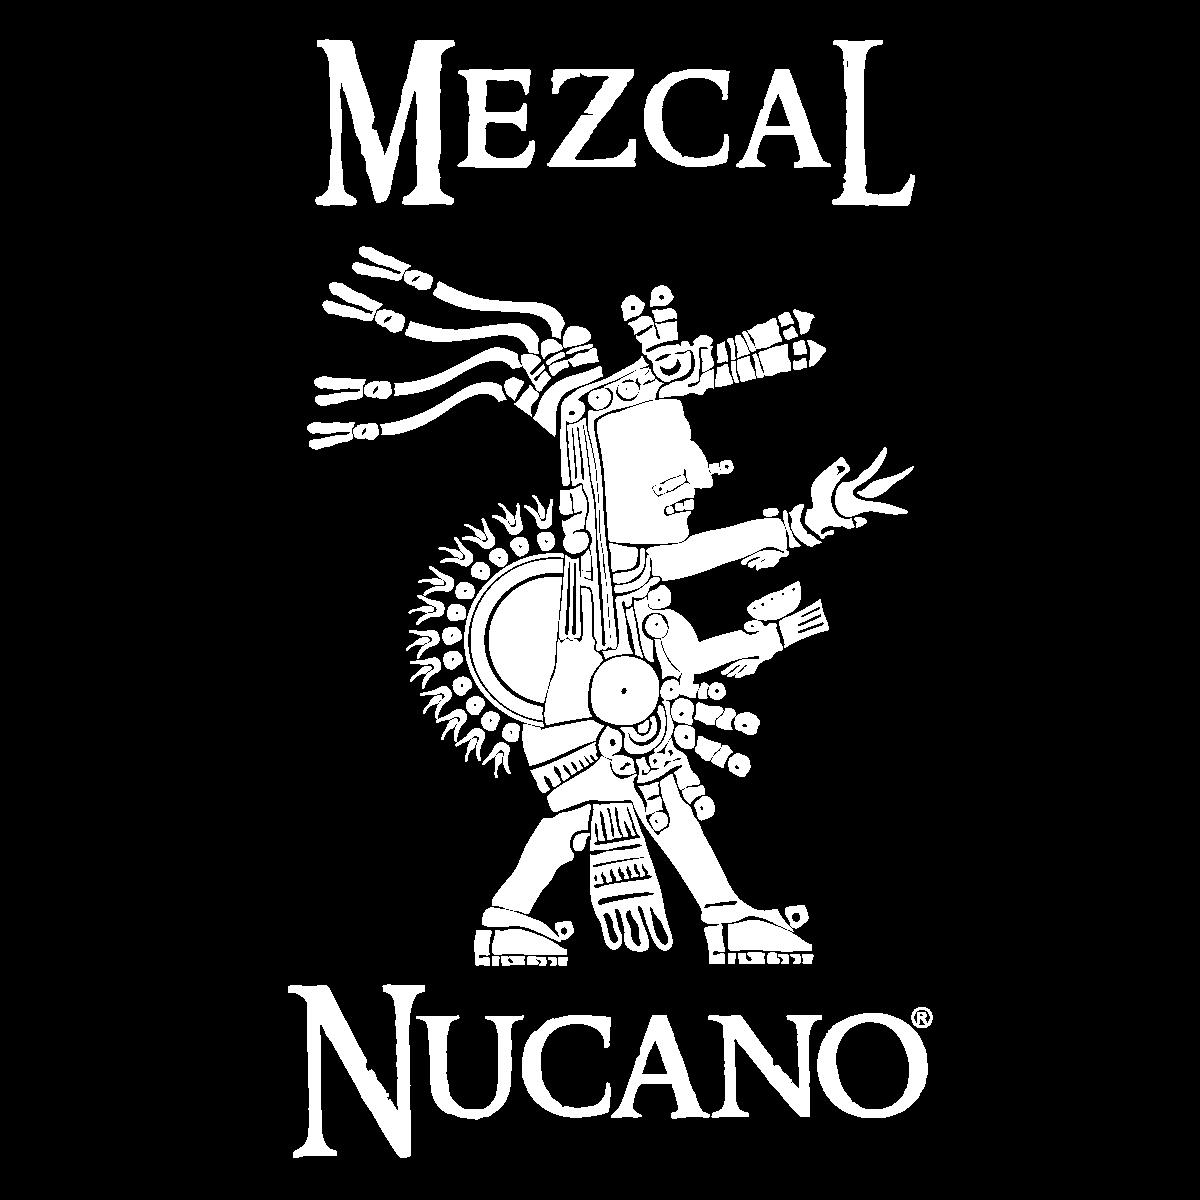 Mezcal Nucano